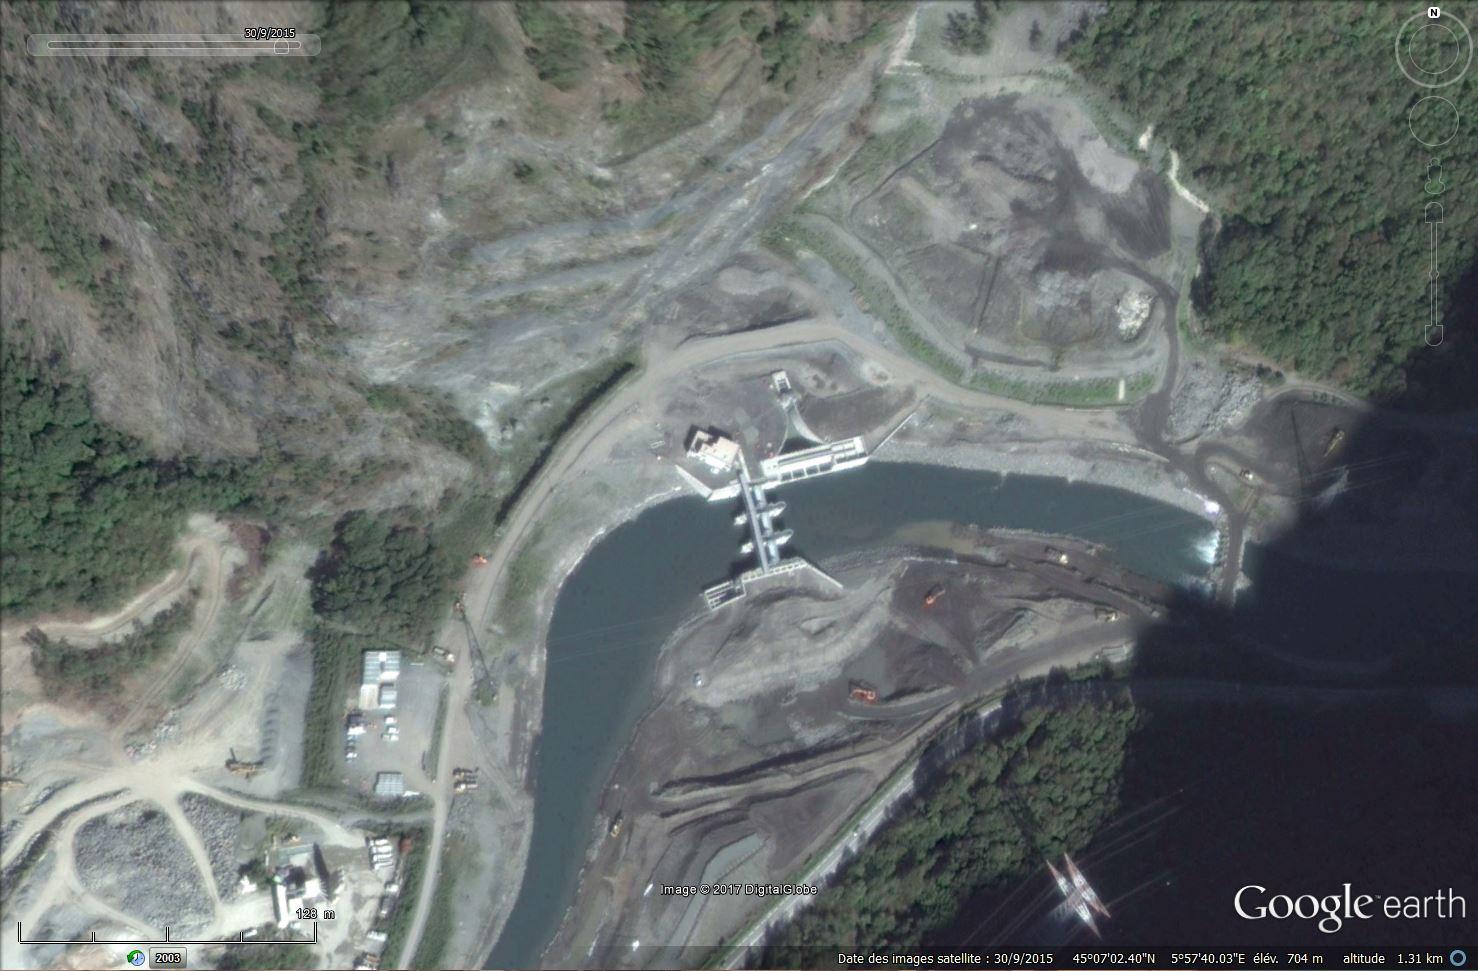 [Désormais visible sur Google Earth] - Le barrage hydroélectrique de Gavet sur la Romanche - Isère Tsge_195